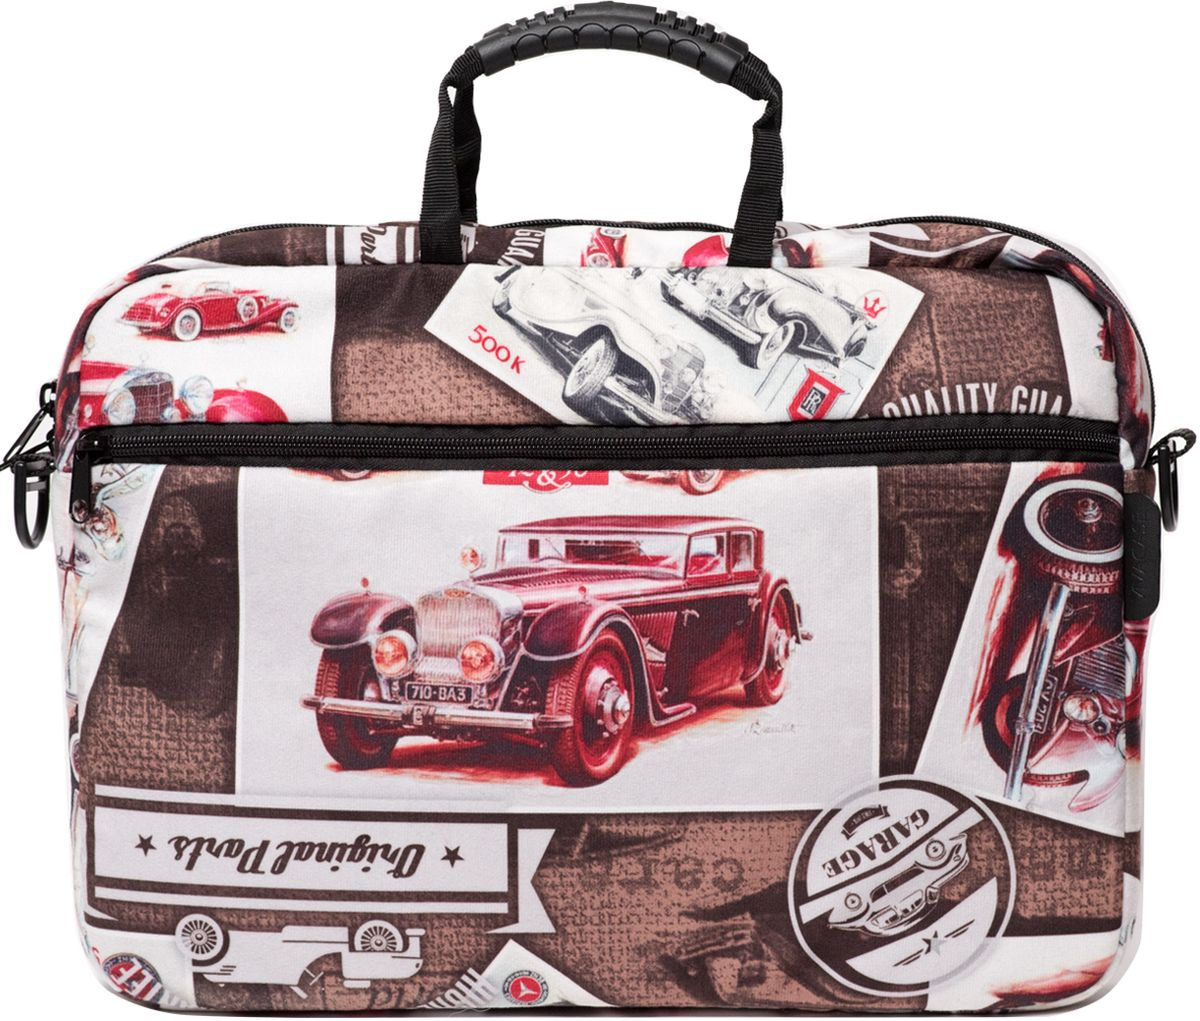 Vivacase Cars, Brown сумка для ноутбука 15,6VCN-CCR15-brСумка для ноутбуков диагональю 15.6 дюймов стильная и эргономичная. Стильный дизайн неизбежно привлечет внимание и поможет ее владельцу выделиться из толпы.Сумка для ноутбука сшита из бархатистой мебельной ткани устойчивой к загрязнениям и истиранию. Не стоить бояться, что изделие быстро потеряет товарный вид. При изготовлении аксессуаров Vivacase используются только качественные материалы от проверенных поставщиков. Сумке не страшны ни грязь, ни осадки благодаря специальной водо - и грязеотталкивающей пропитке. Ее достаточно протереть влажной тряпочкой, чтобы избавиться от пятен.Основа сумки - специальный пористый противоударный материал двойного сложения, который отлично защищает ноутбук от тряски в дороге и механических повреждений. При этом сумка очень легкая и компактная. С ней удобно путешествовать. К сумке прилагается широкий наплечный ремень. Во вместительном внешнем кармане на молнии могут поместить документы формата А4 и другие аксессуары.